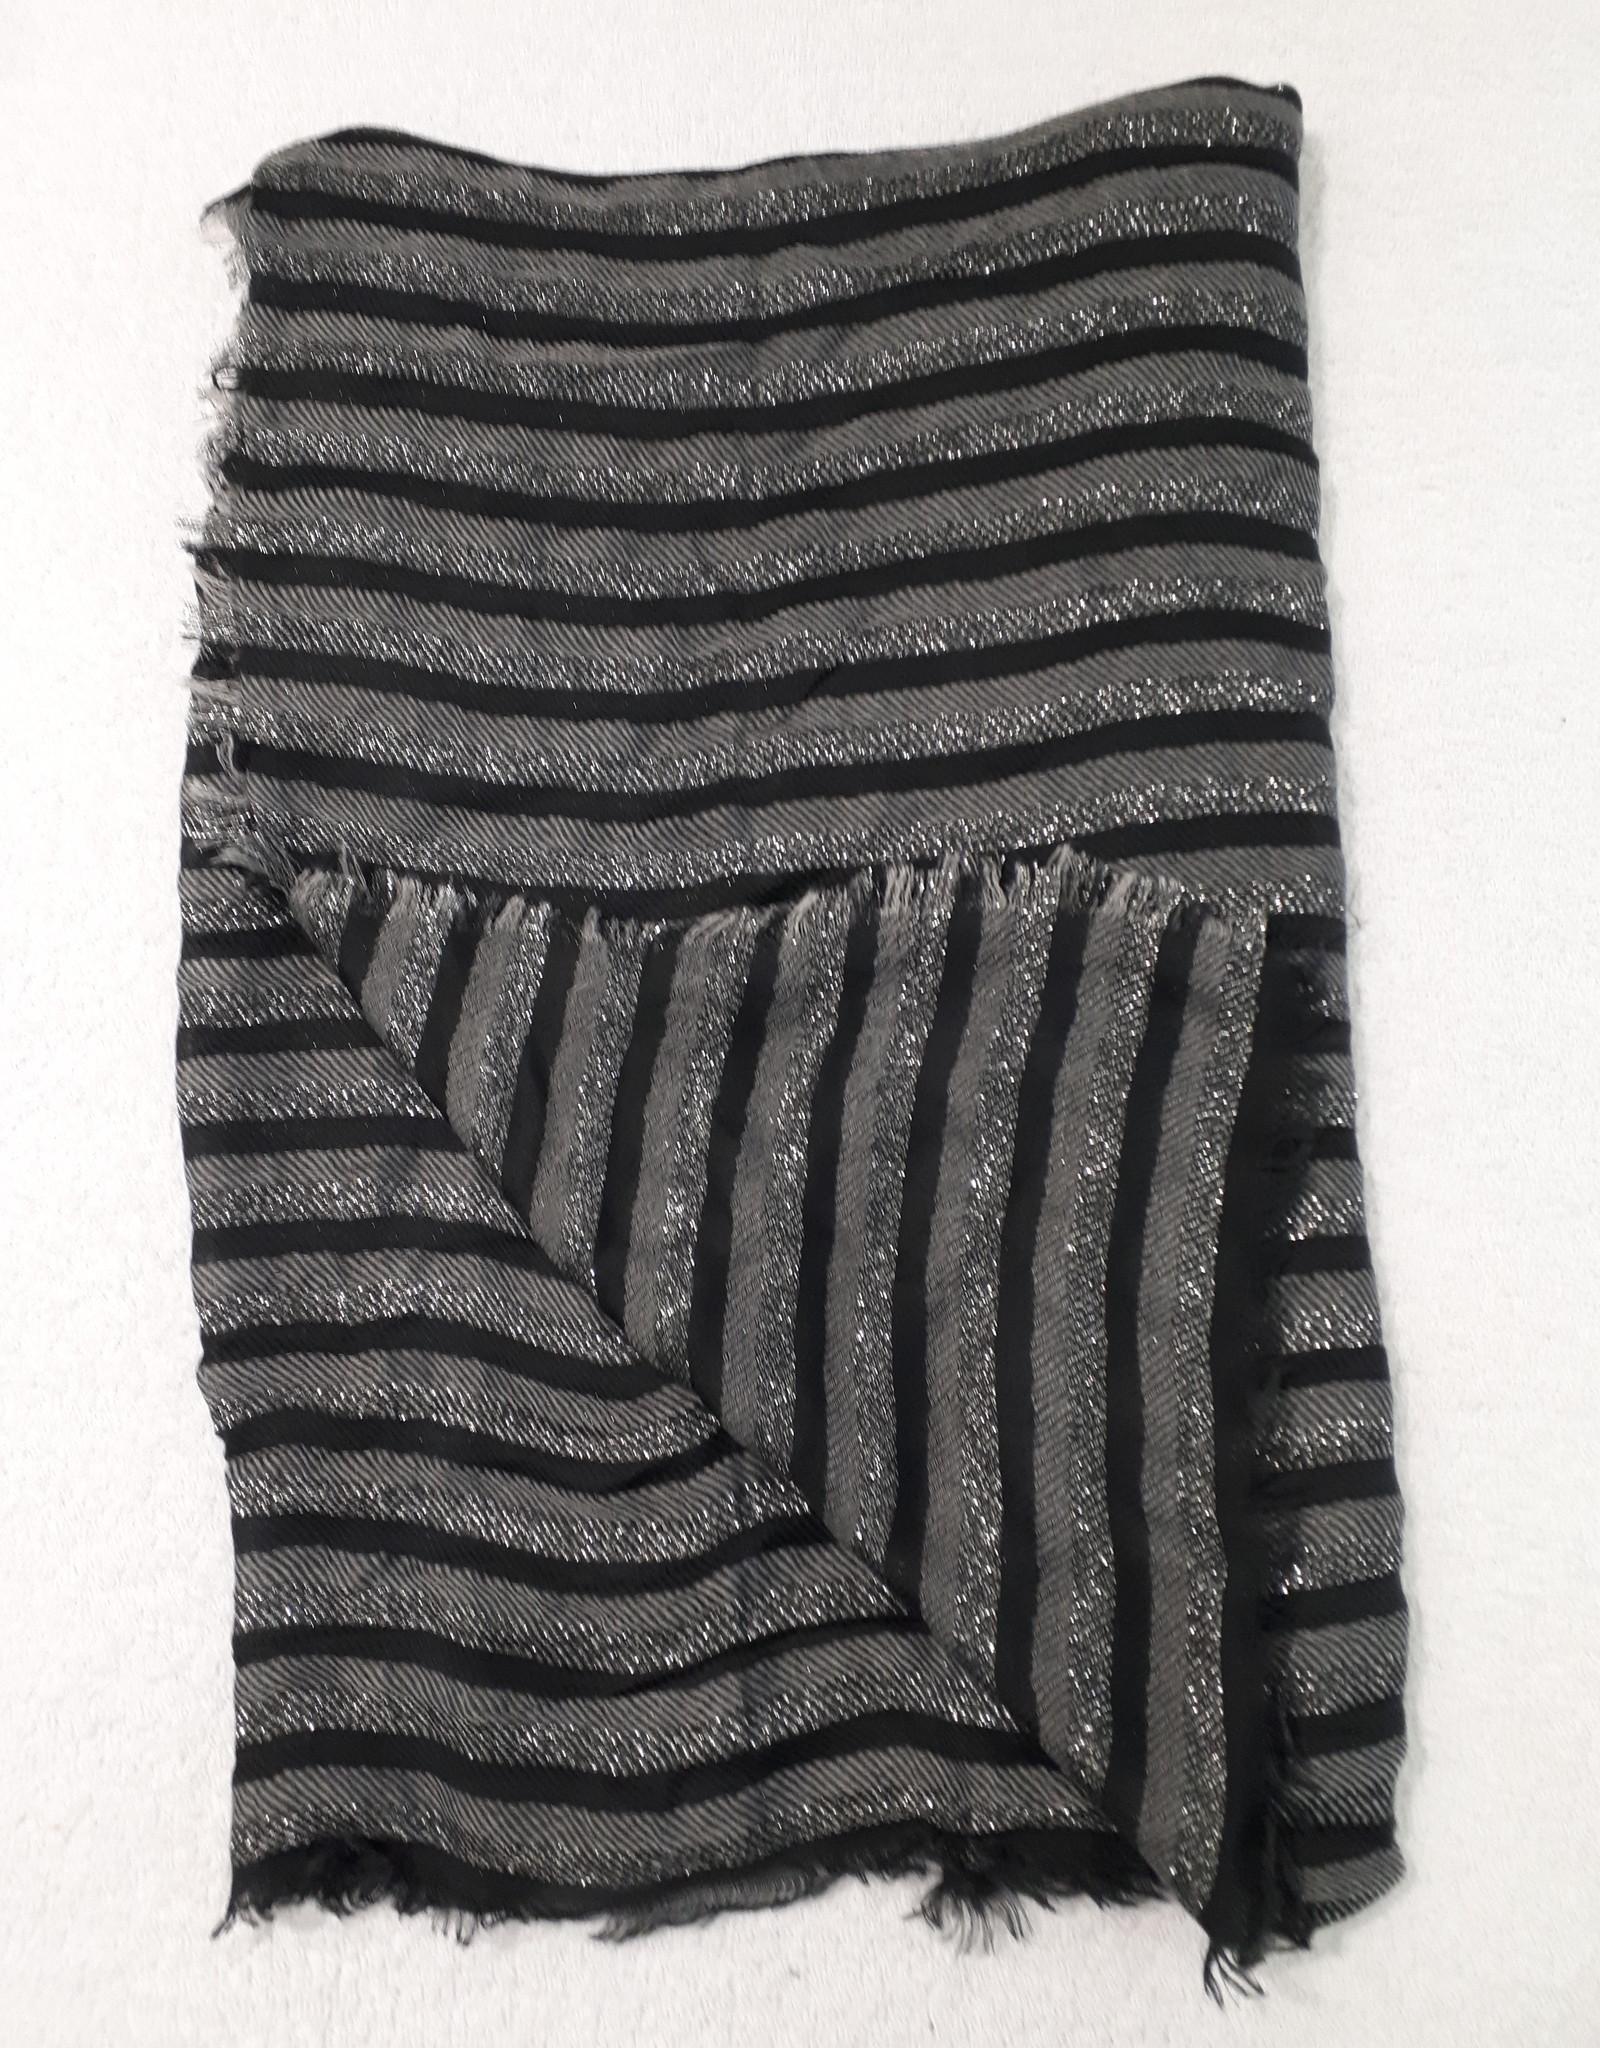 C&S Sjaal Grijs Zwart met Glitters  200 x 87 cm